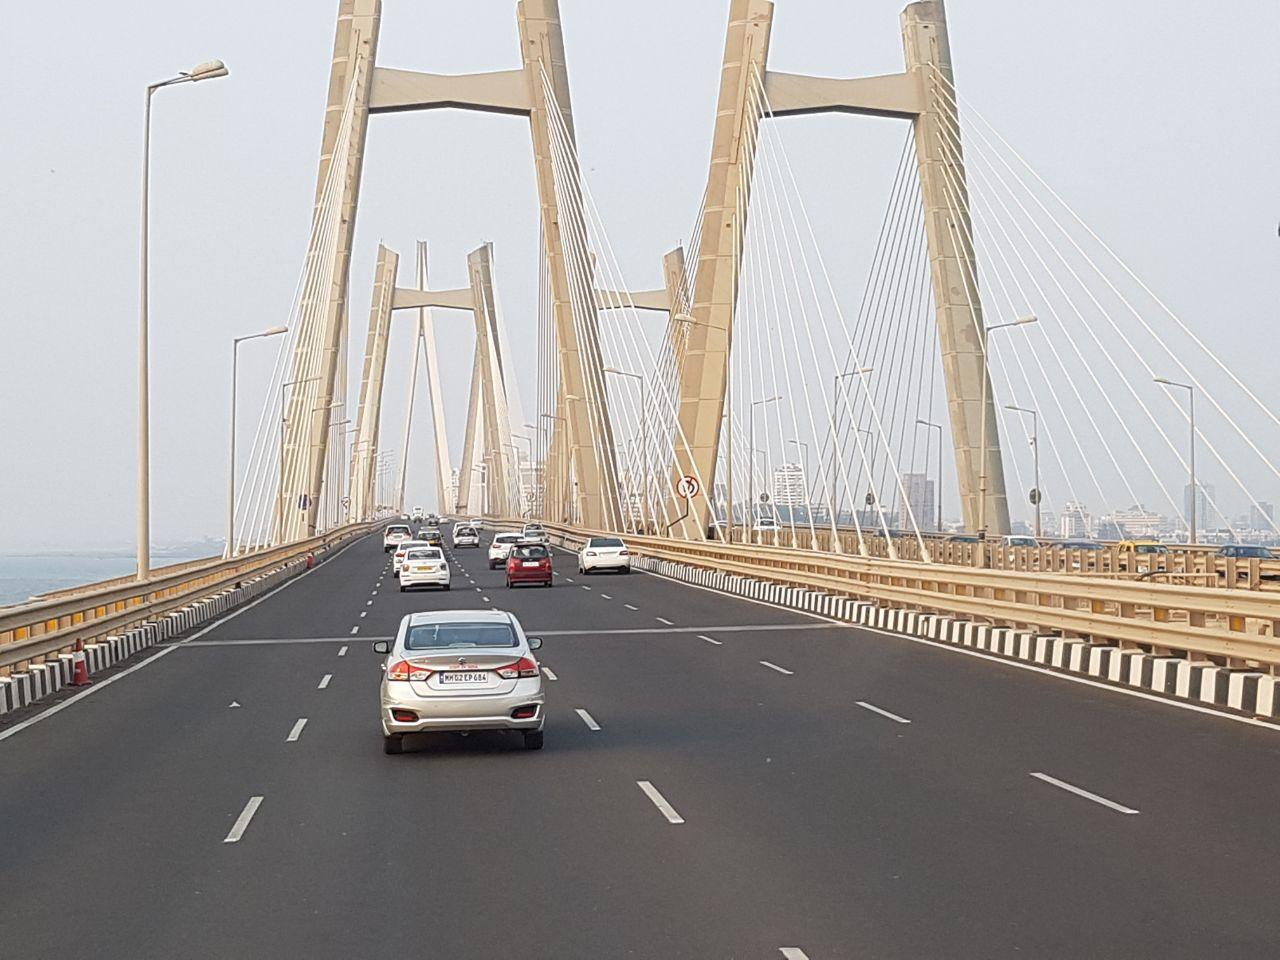 Мумбайский автомобильный мост через залив, где купаться нельзя